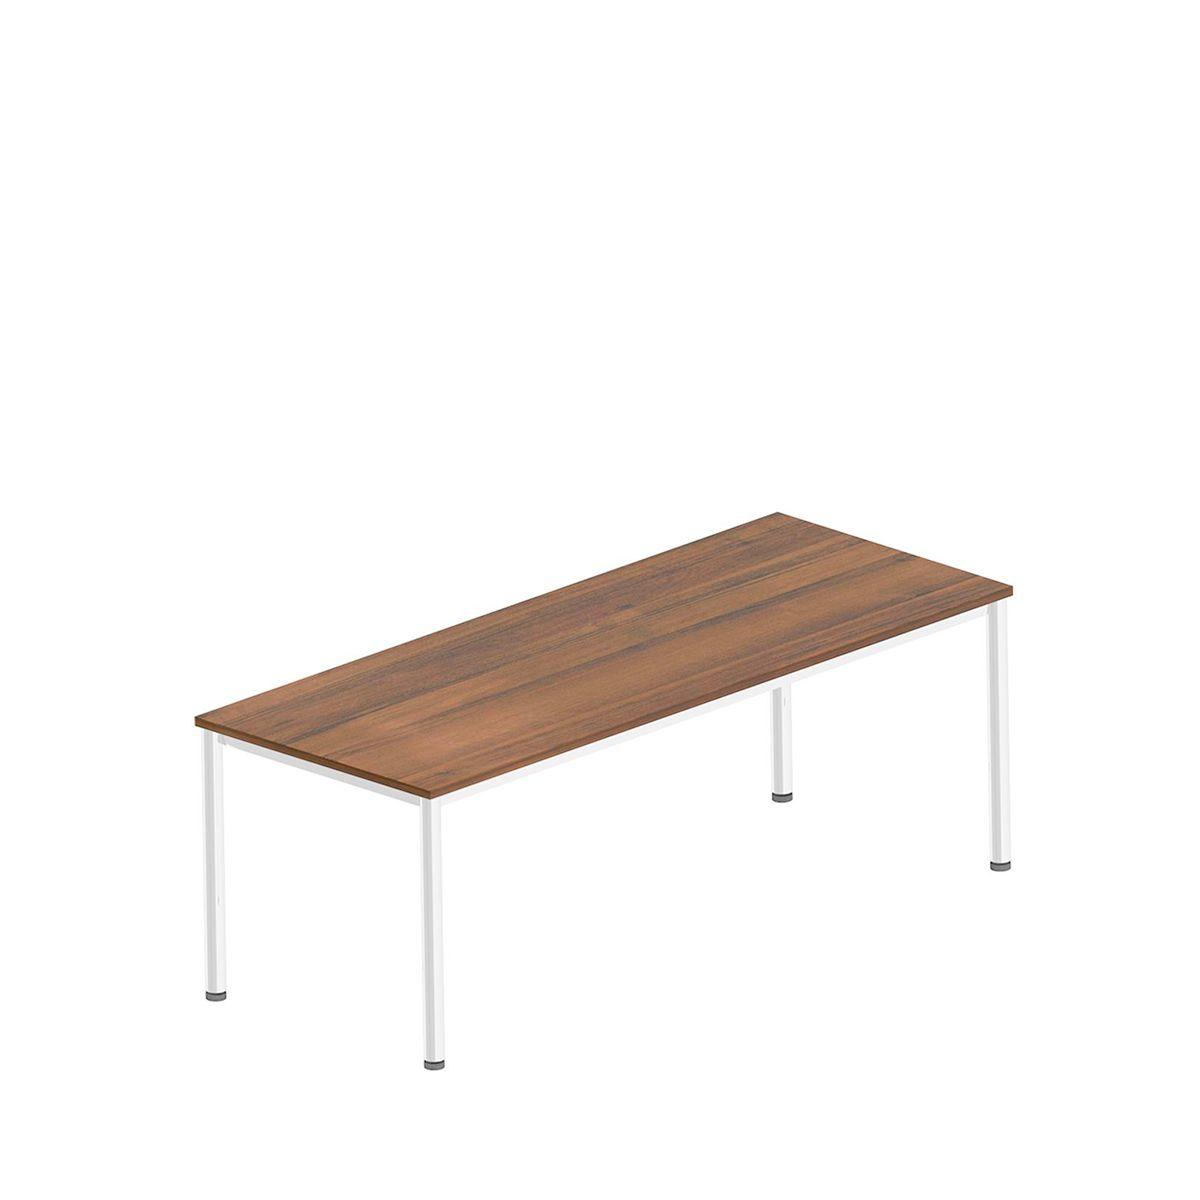 bureau pieds en tube rond acheter bon march sch fer shop. Black Bedroom Furniture Sets. Home Design Ideas